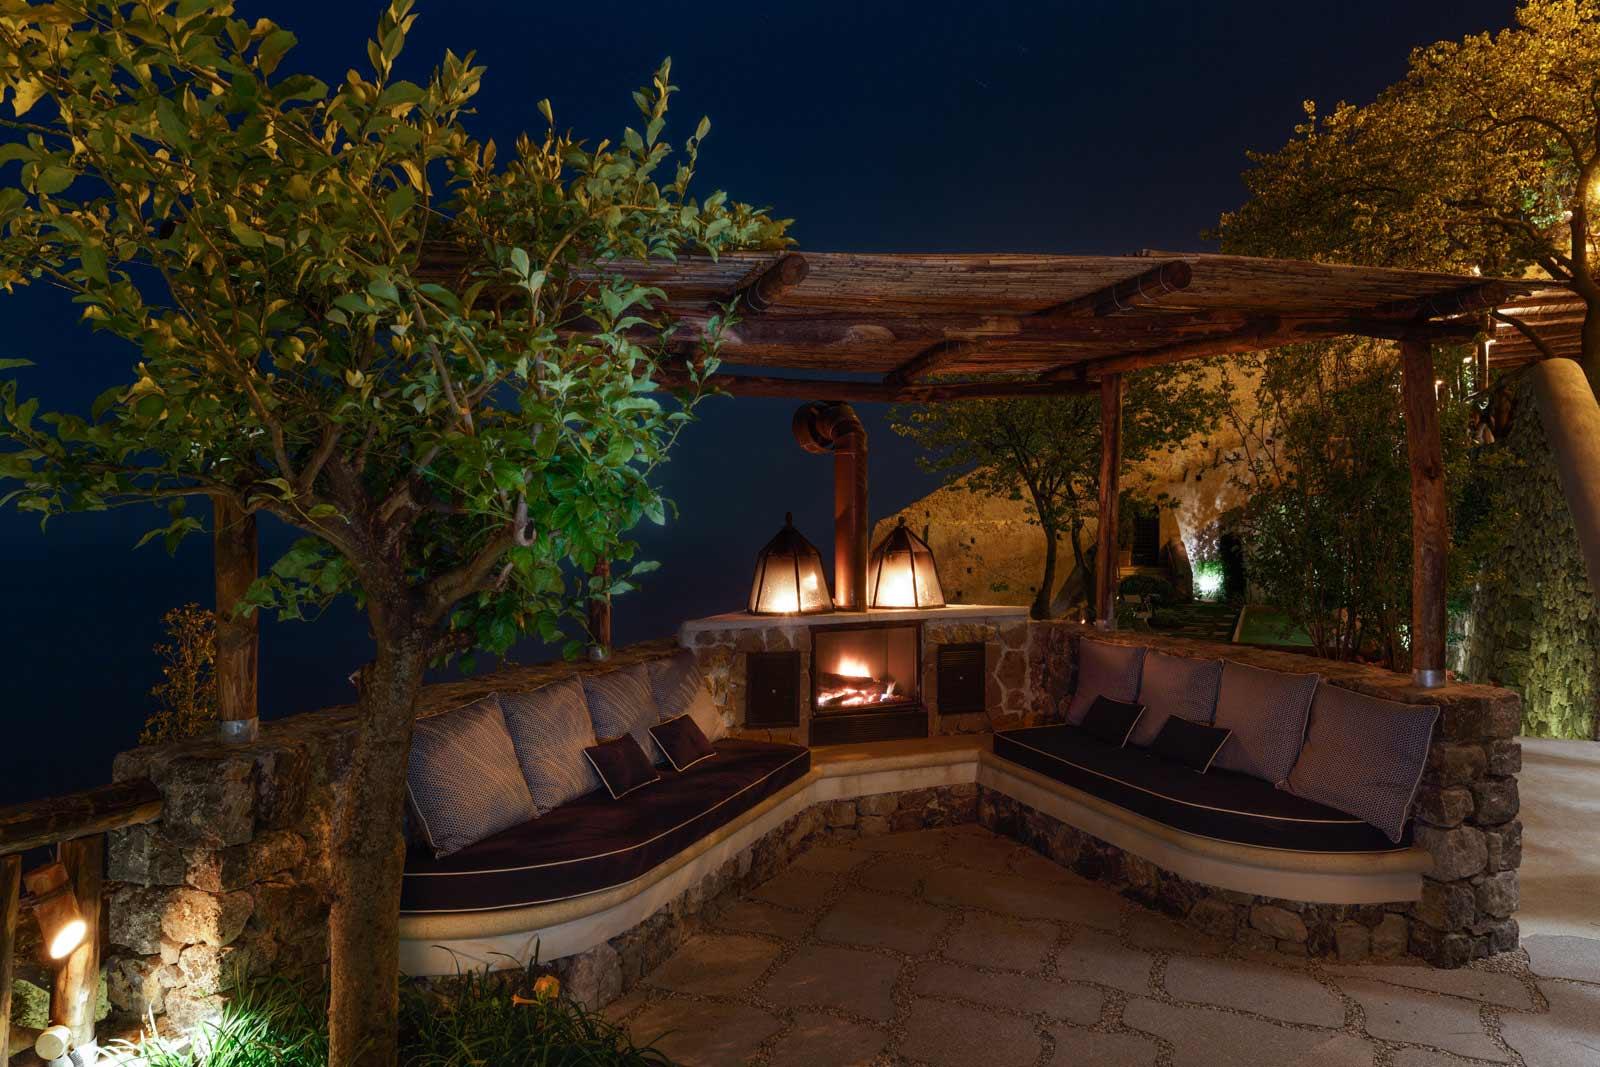 Monastero Santa Rosa Hotel & Spa - 5 Stars Hotels - Amalfi, Italy ...